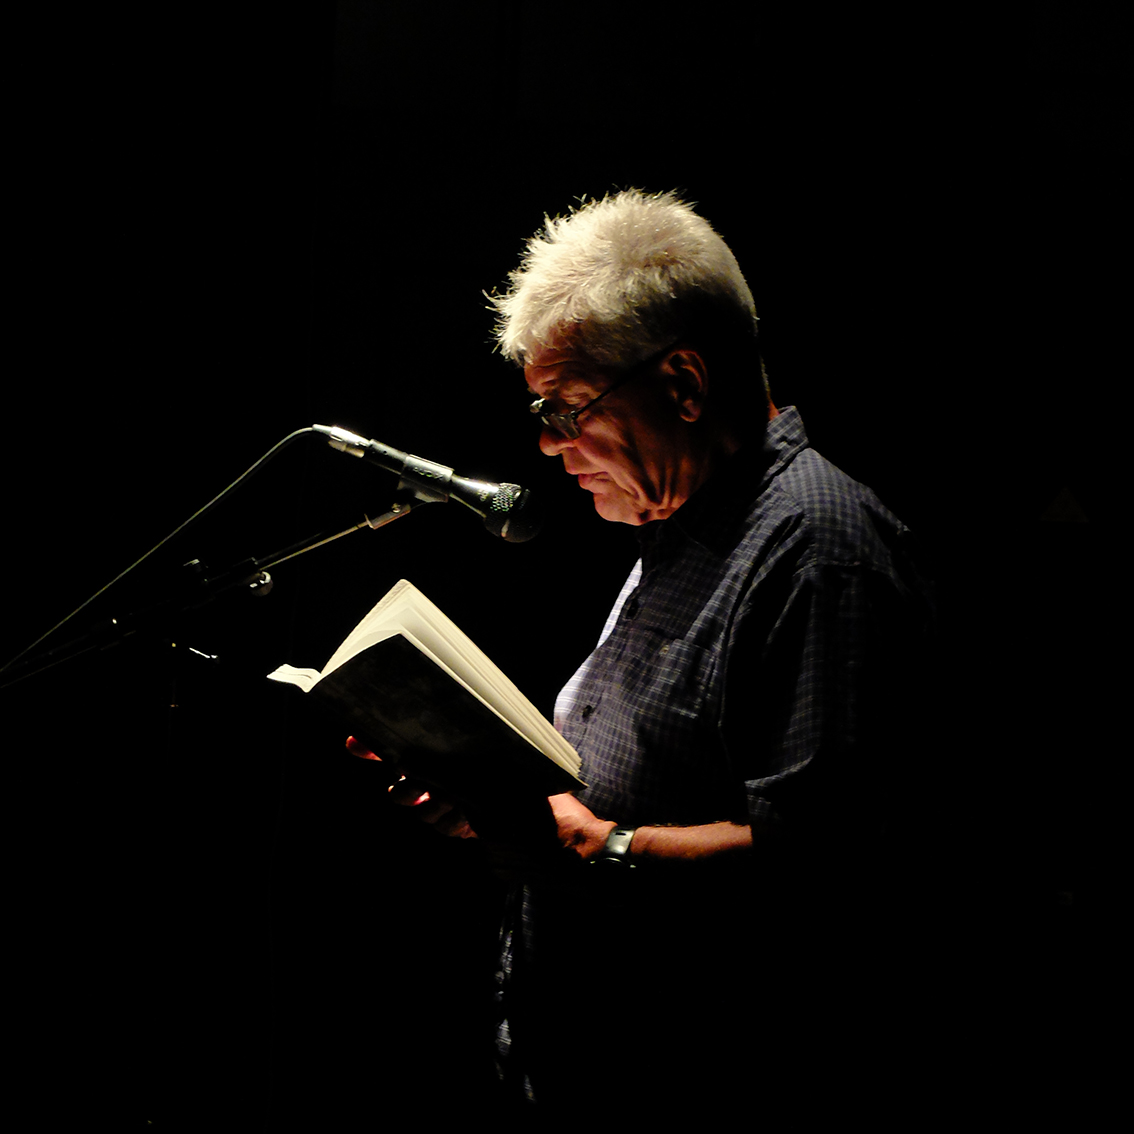 Ib Michael, Læsø Litteraturfestival 2018, Foto: Jon Eirik Lundberg